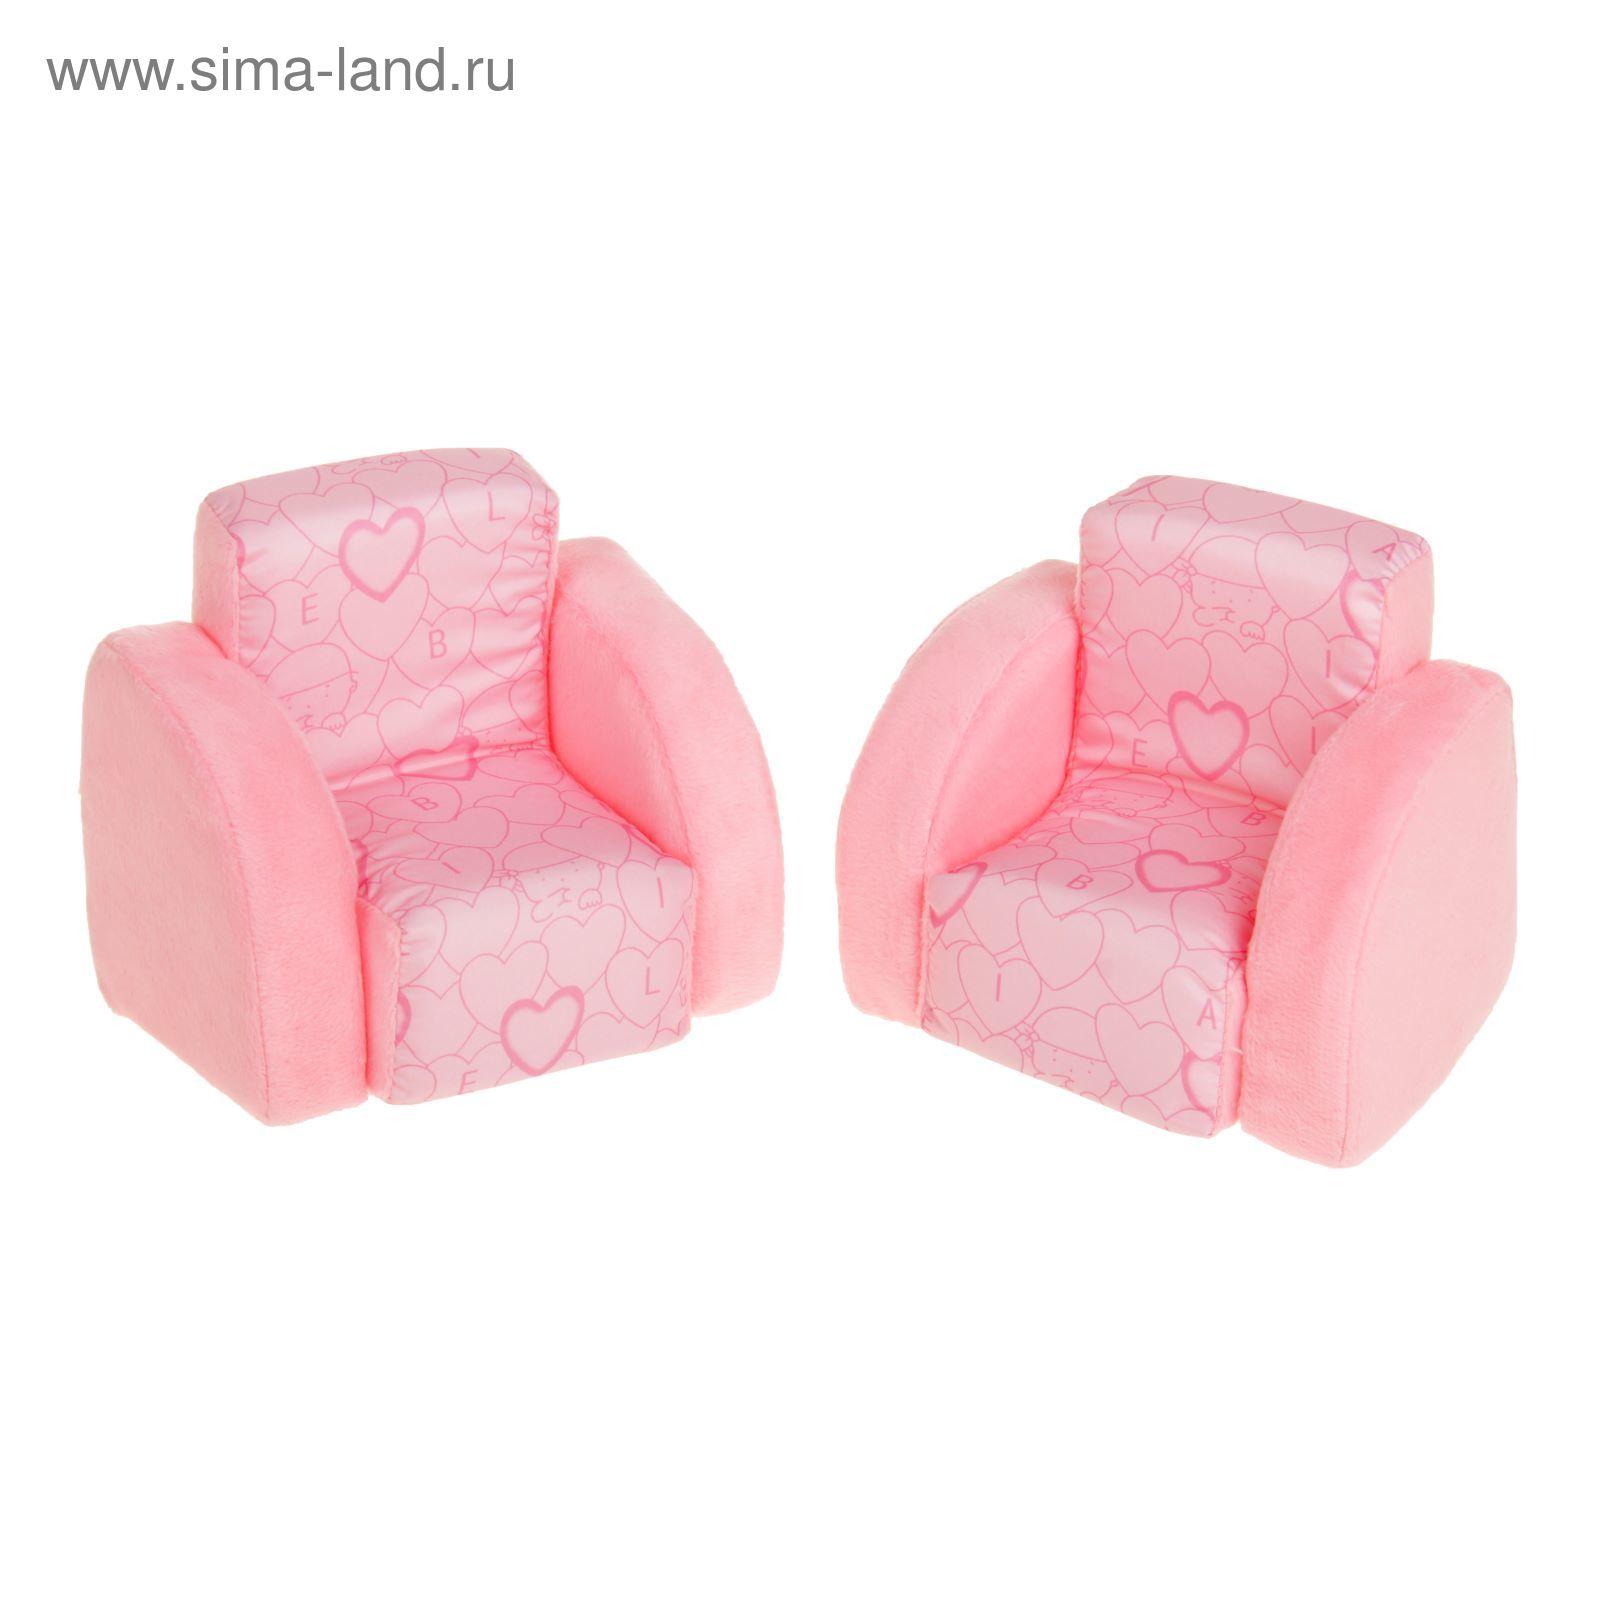 мягкая мебель для кукол 2 кресла нм 0013 2516242 купить по цене